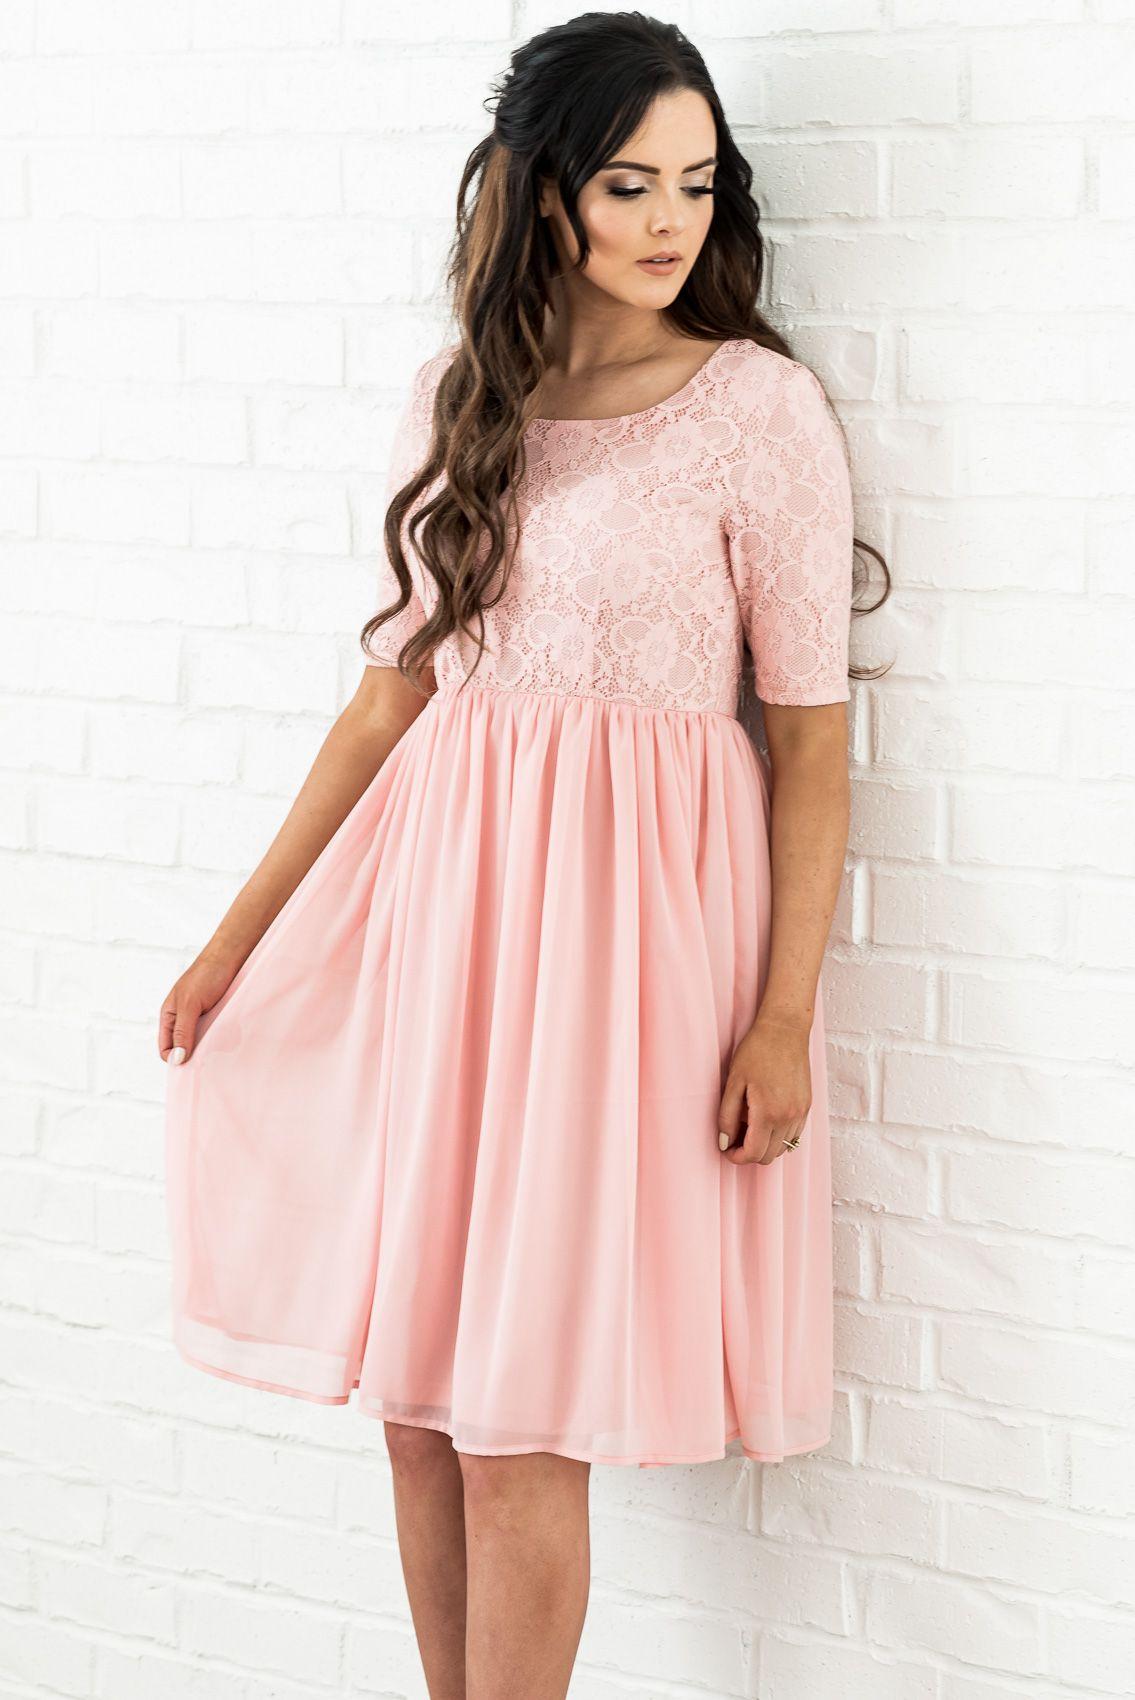 a3d1bf8878b Beautiful lace   chiffon modest dress - perfect for date night ...